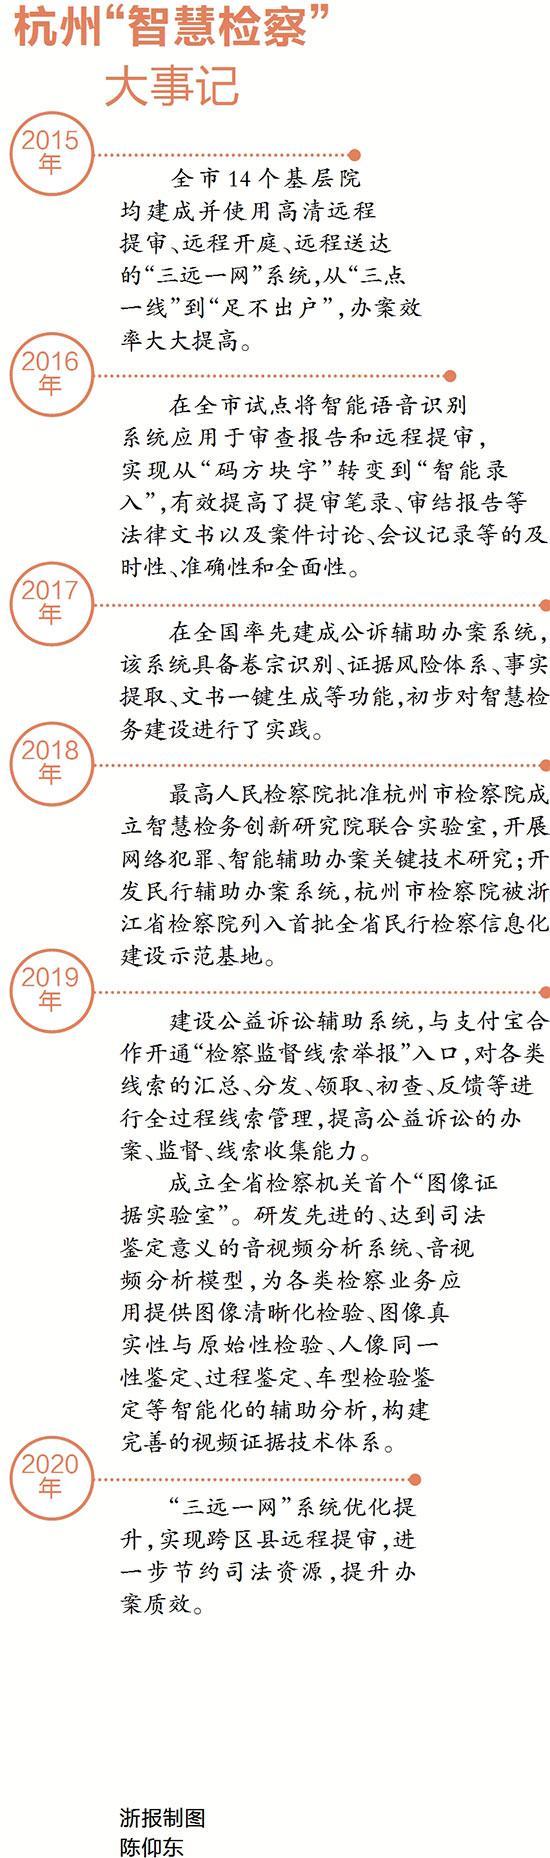 """互聯網+檢察擦出火花 杭州""""智慧檢察""""助力市域治理現代化"""